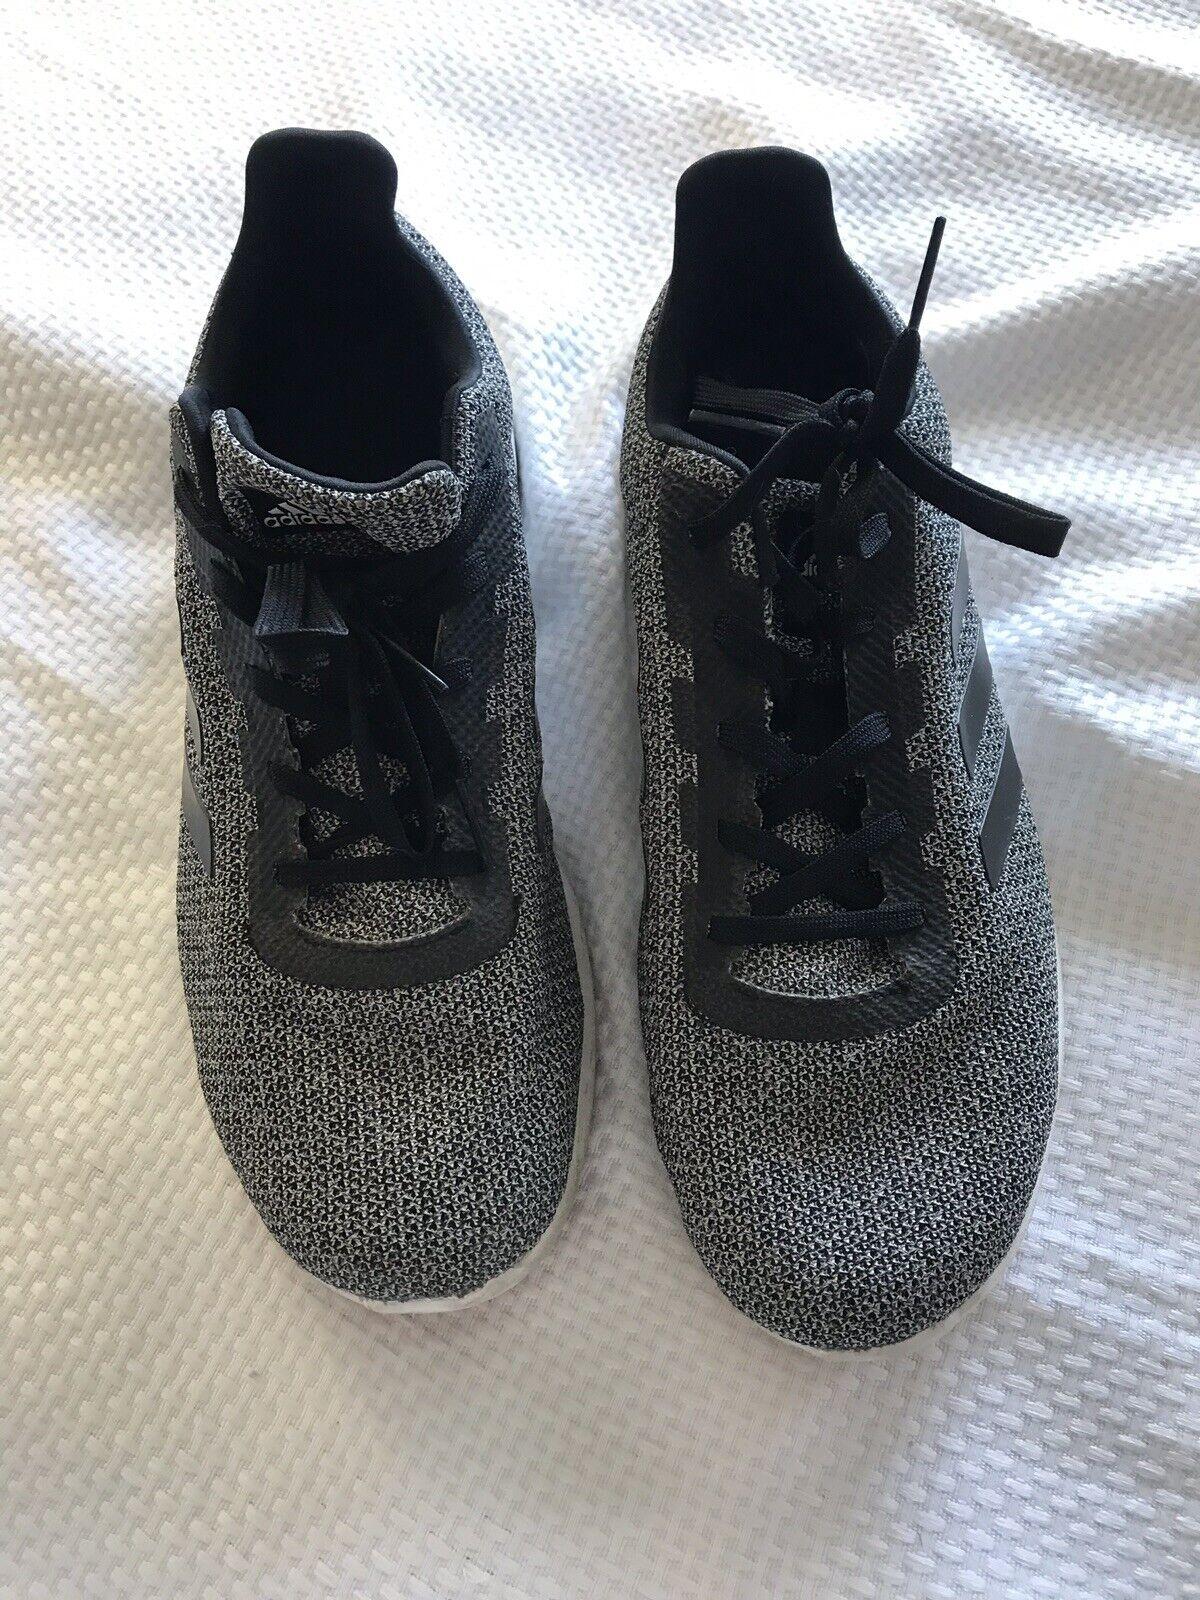 adidas Cp9483 купить на eBay в Америке